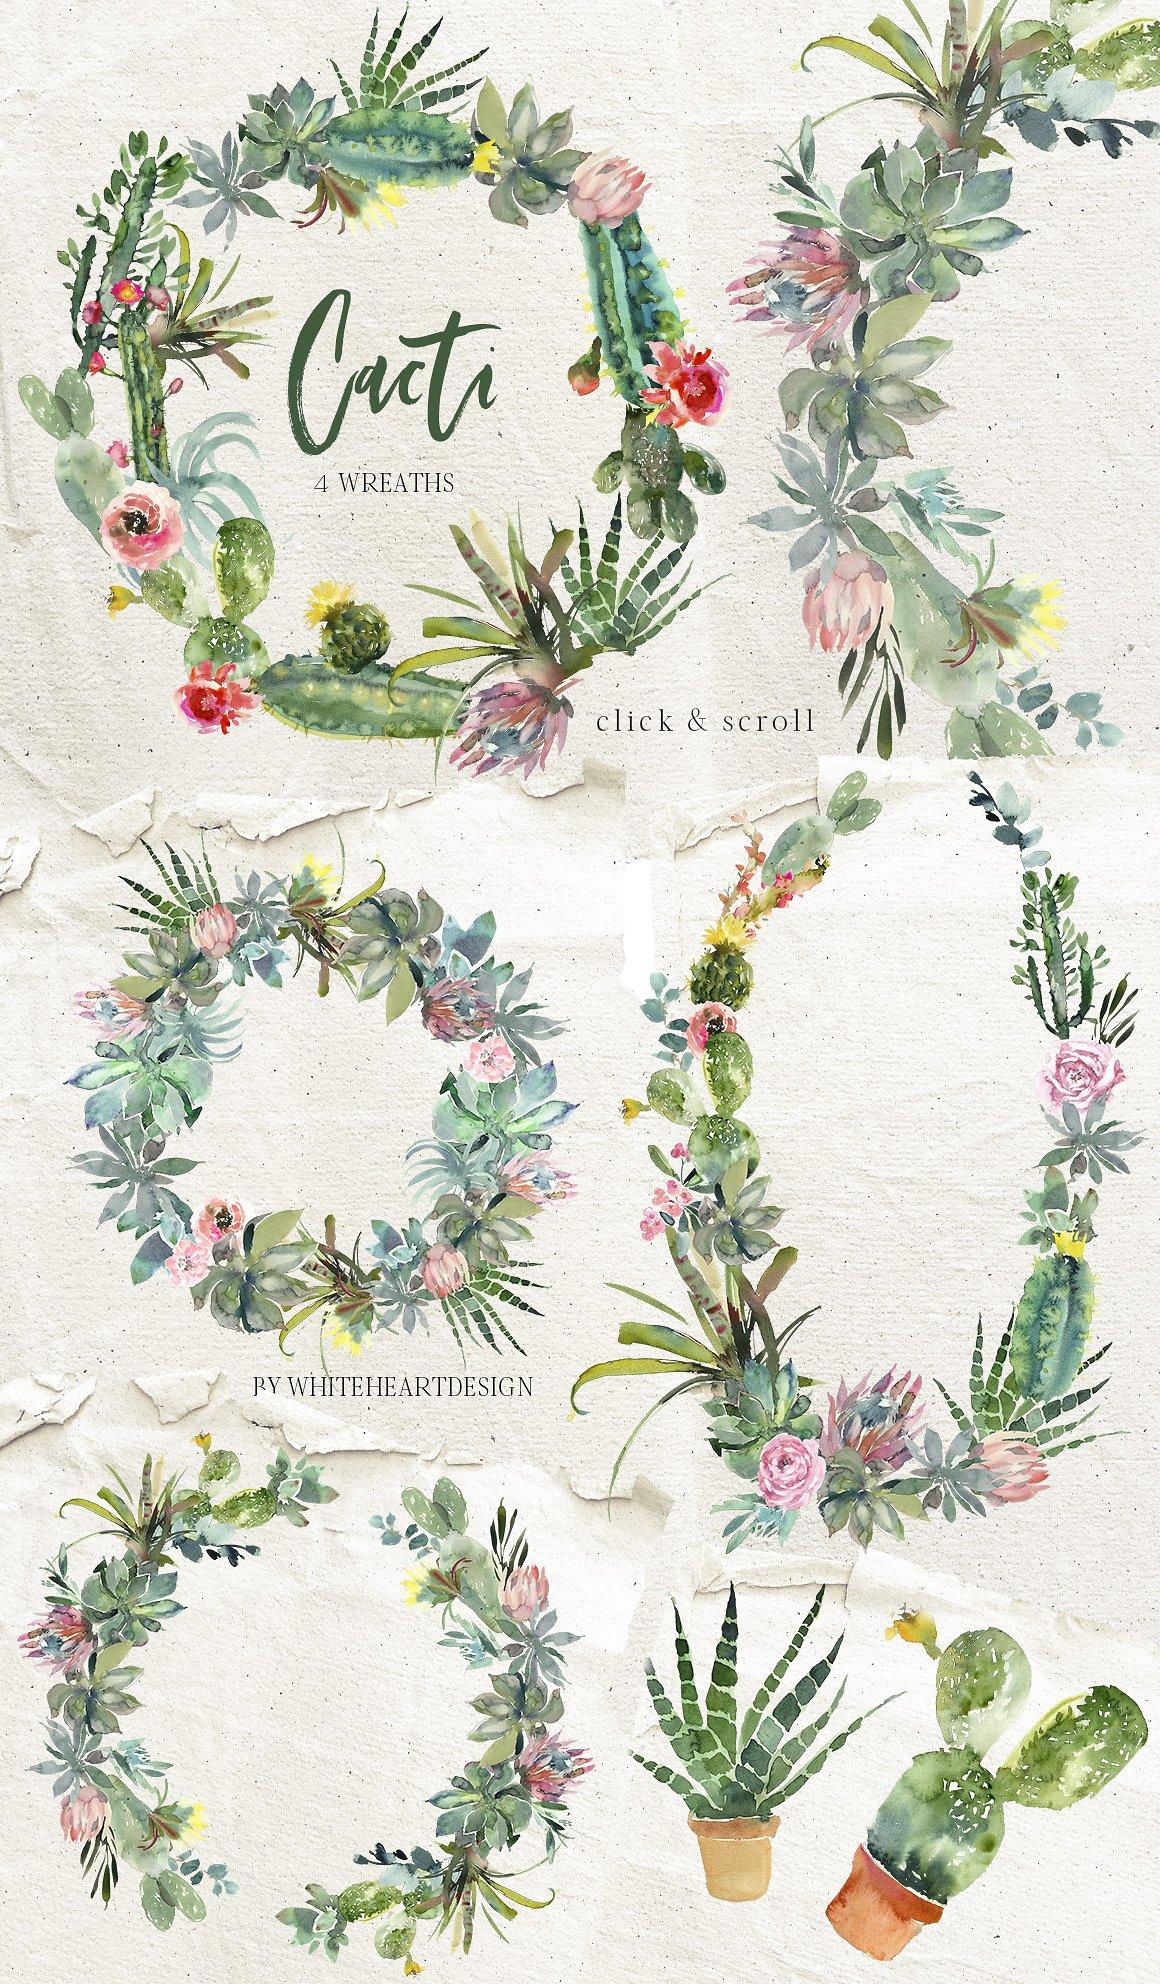 cacti-watercolor-clipart-1-1-1.jpg